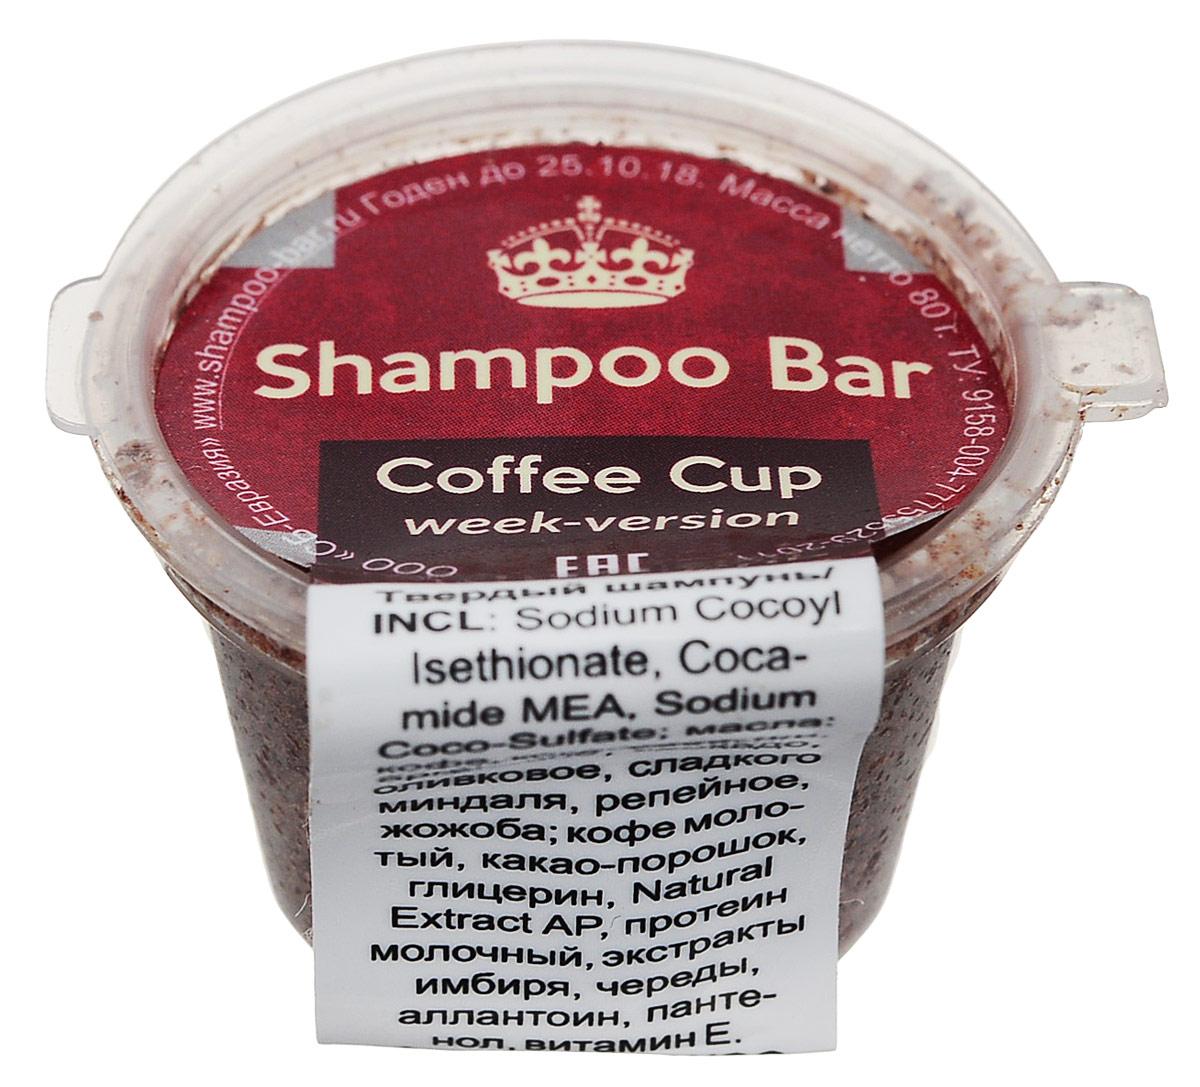 Shampoo Bar Твердый шампунь активатор роста волос 6в1 Coffee Cup, с натуральным кофе и аргановым маслом, 11 грSBW CCУниверсальное мобильное средство для волос - твердый шампунь Shampoo Bar 6in1 Coffe Cup с дополнительным скраббирующим эффектом. Подходит для всех типов волос, а также для ухода за бородой. Без парабенов, силиконов и SLS.